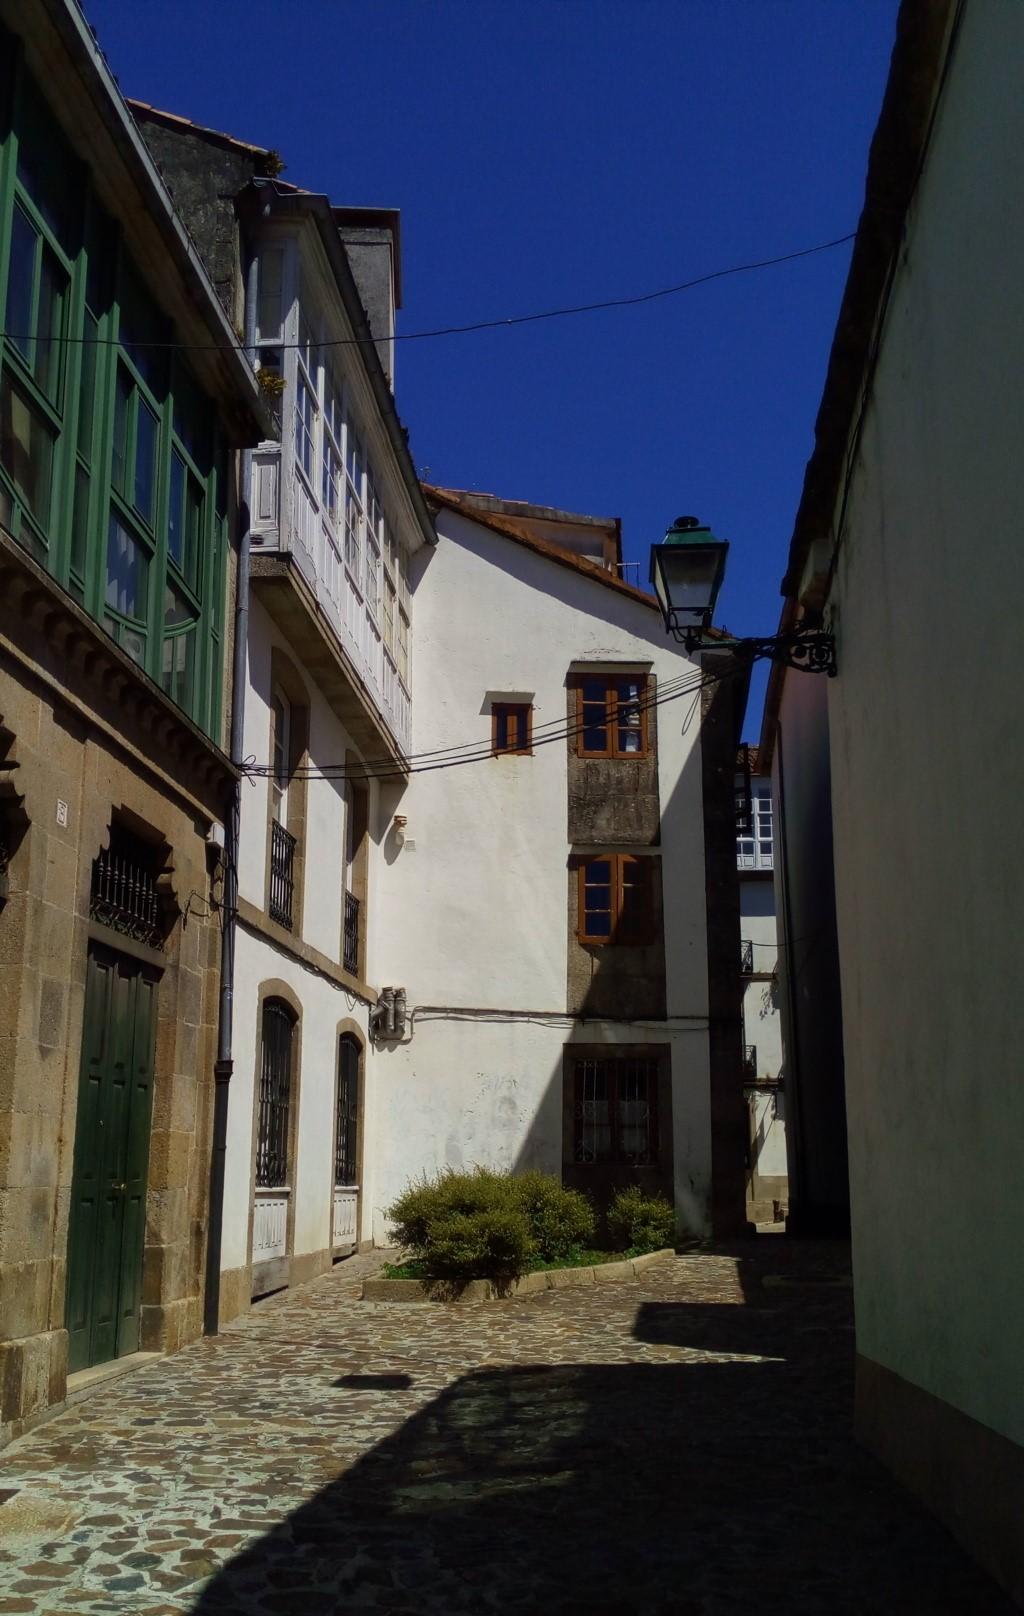 Foto 5 - Llegagando a plaza de San miguel dos Agros